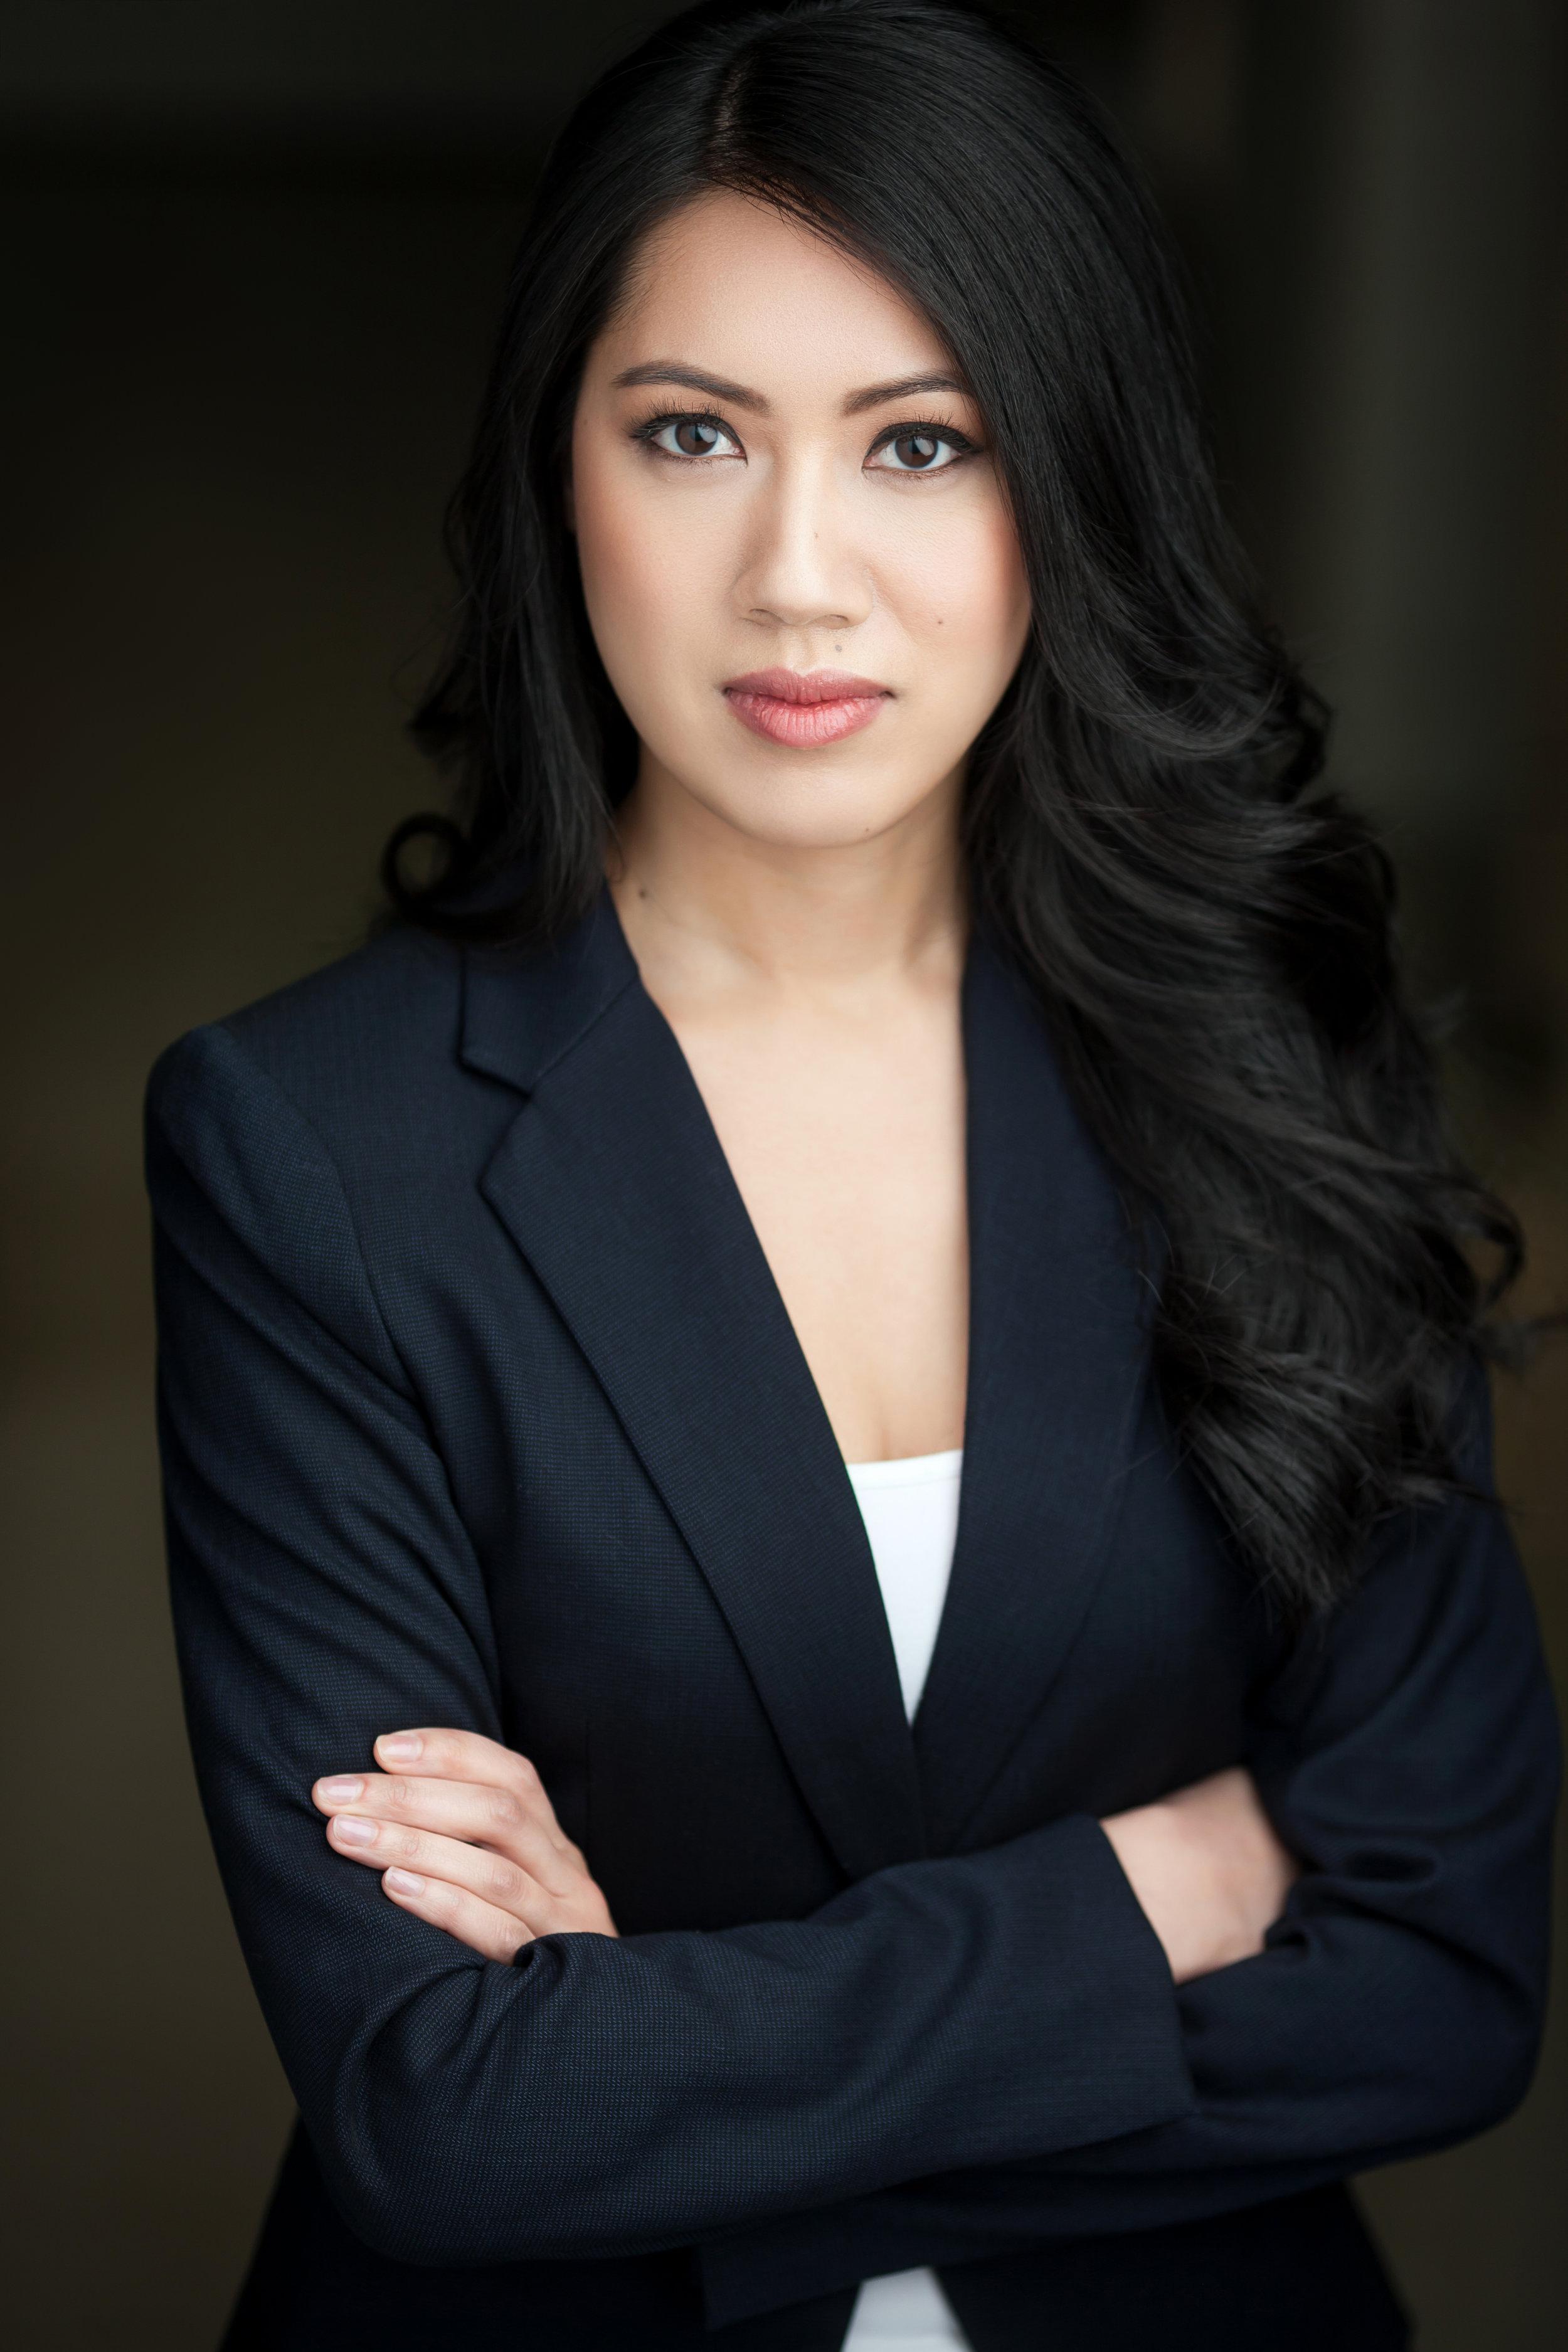 Stephanie Cho Headshot 2.jpg